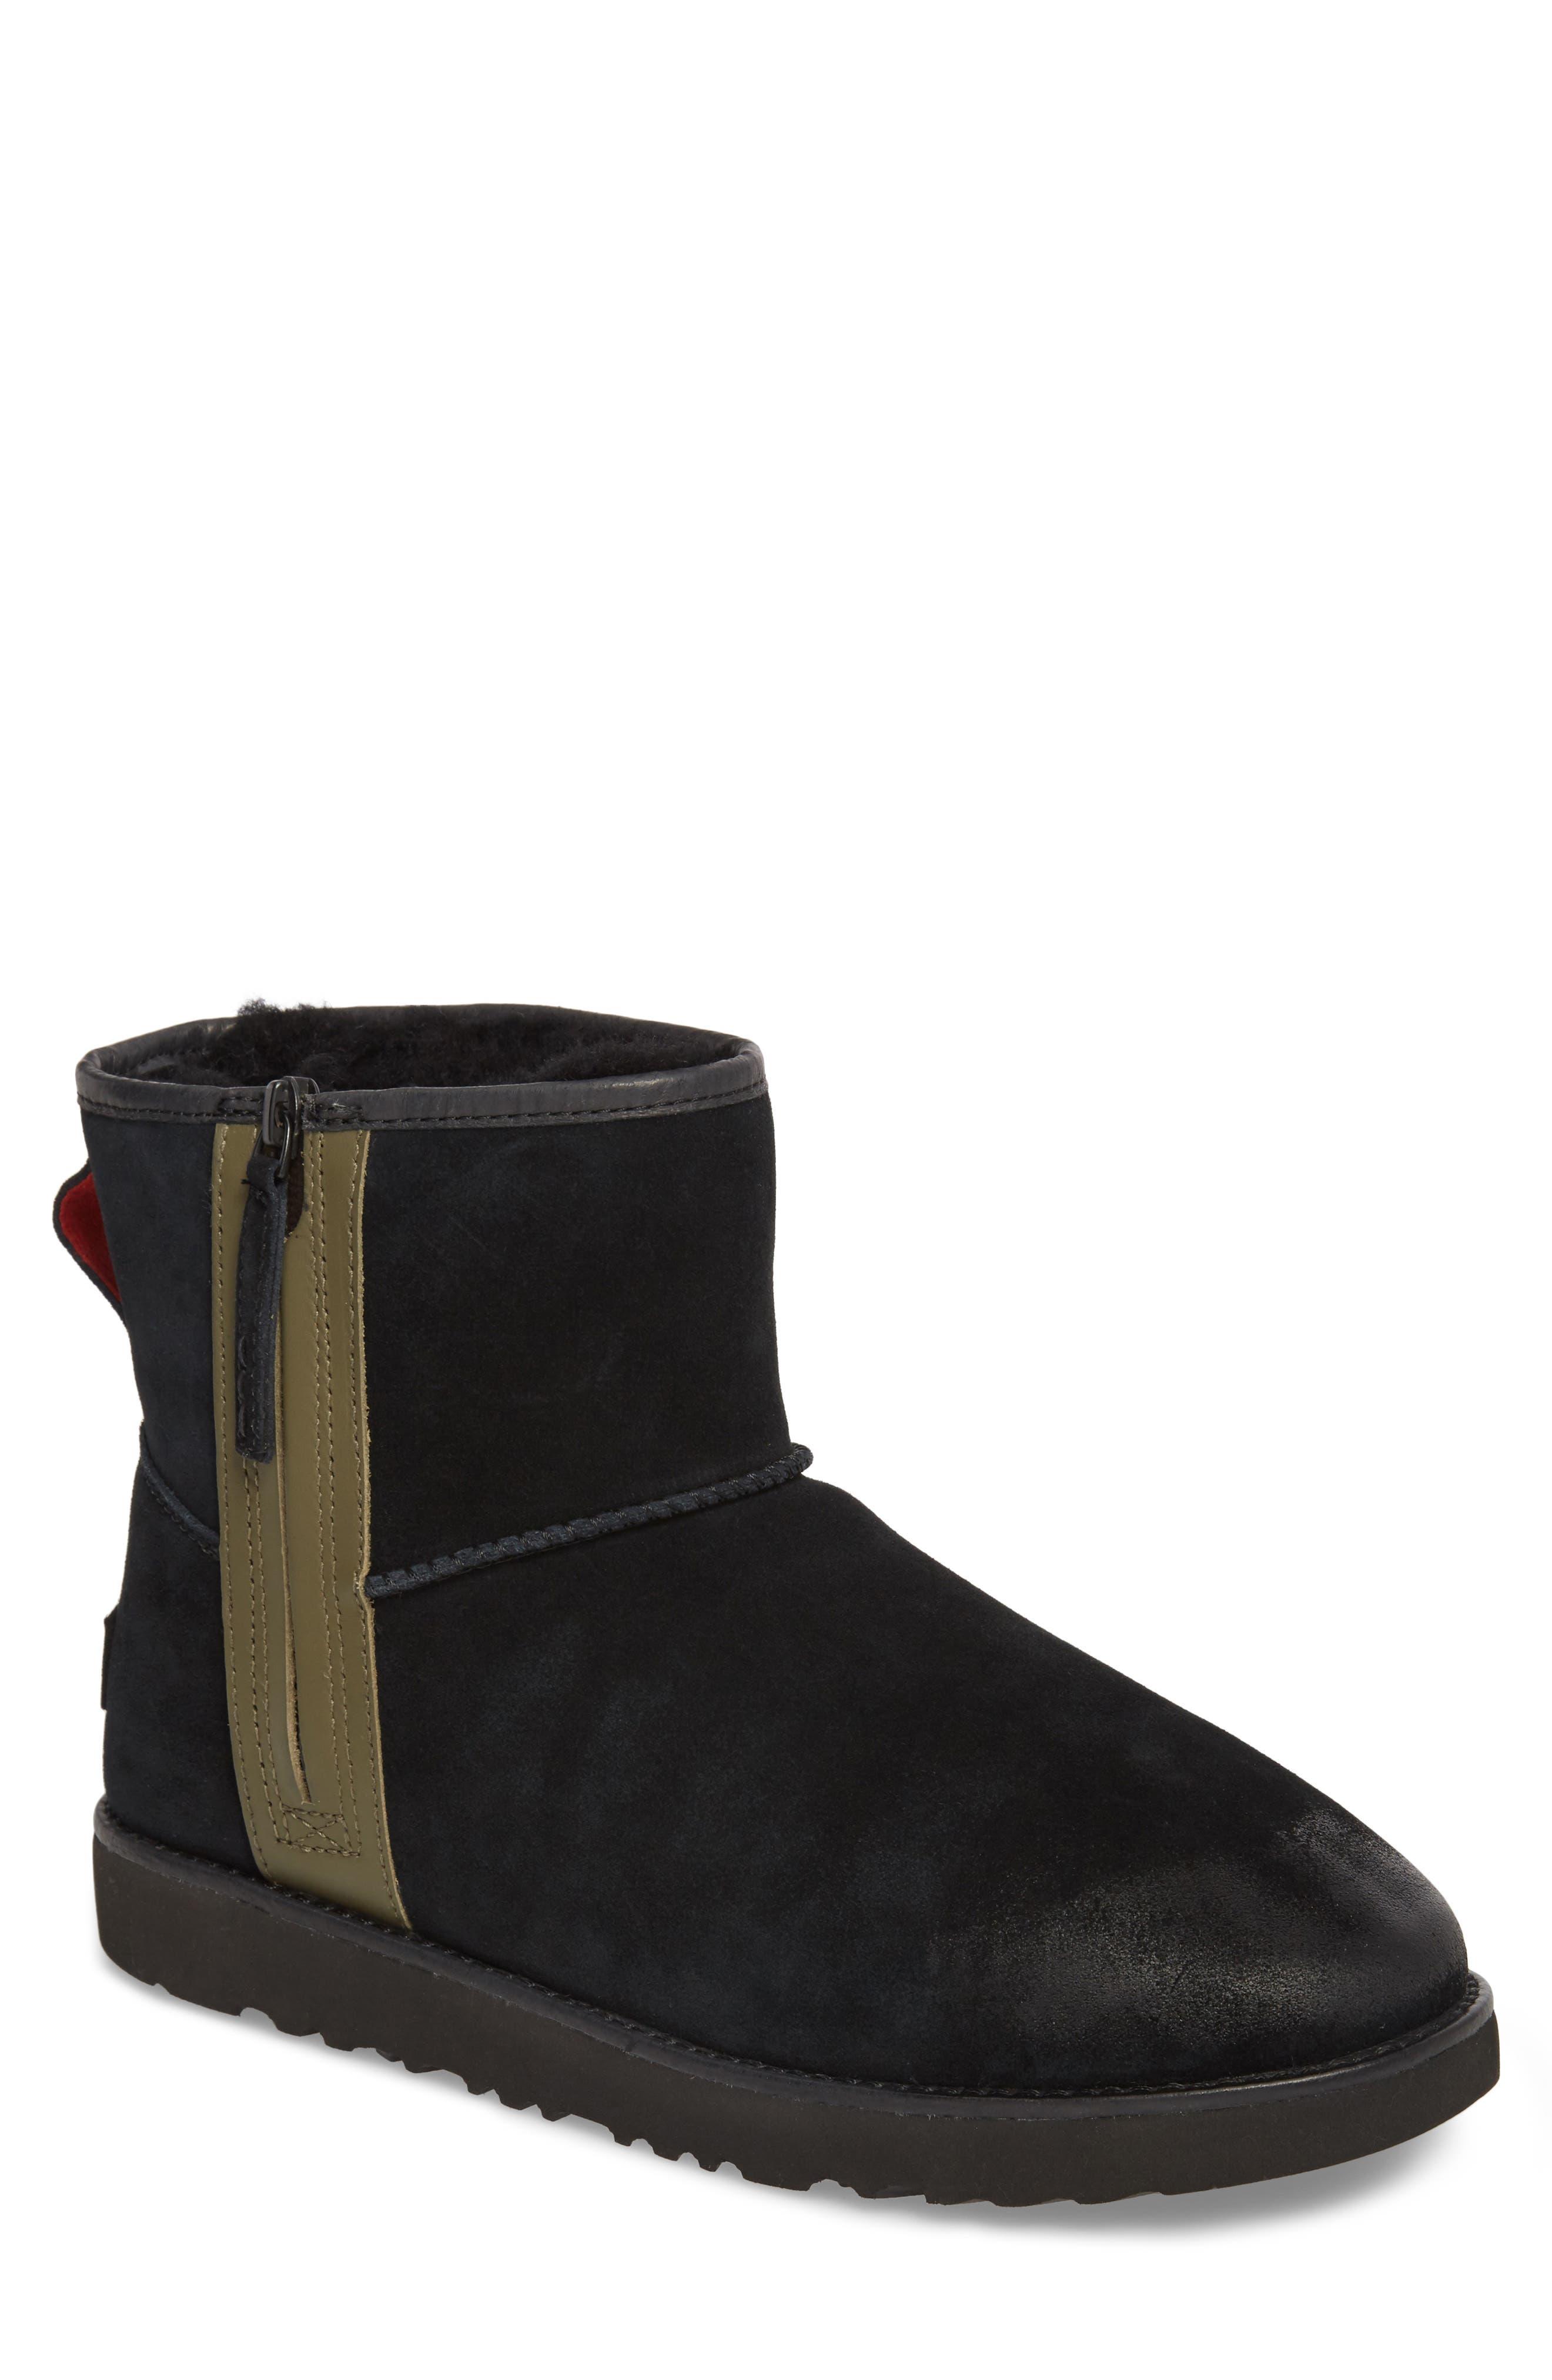 Ugg Mini Zip Waterproof Boot